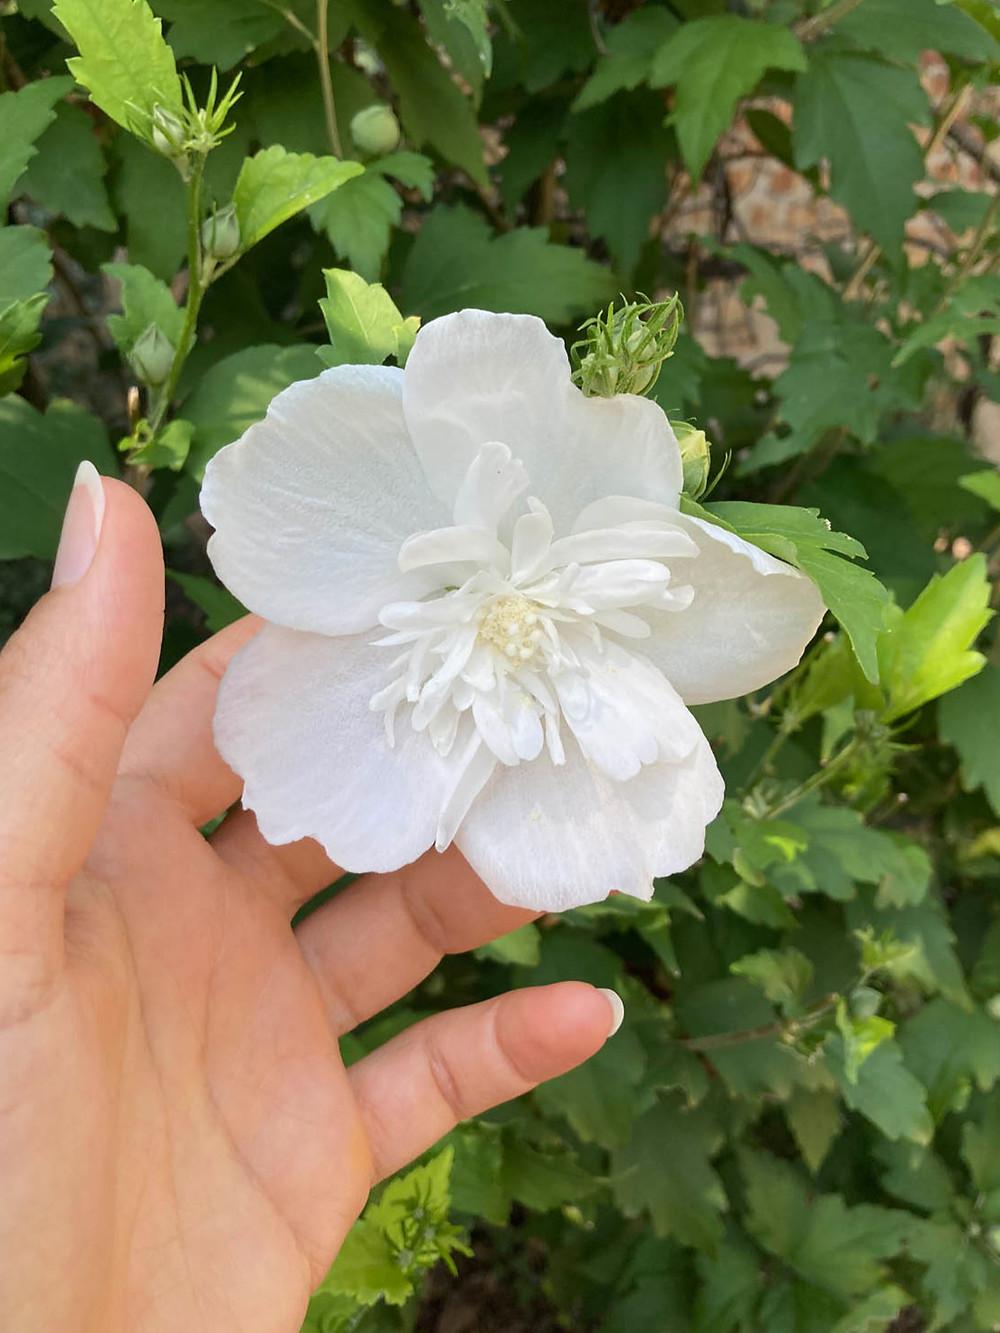 Fiore bianco. Il fiore è il simbolo di bellezza per la tradzione Nahual.